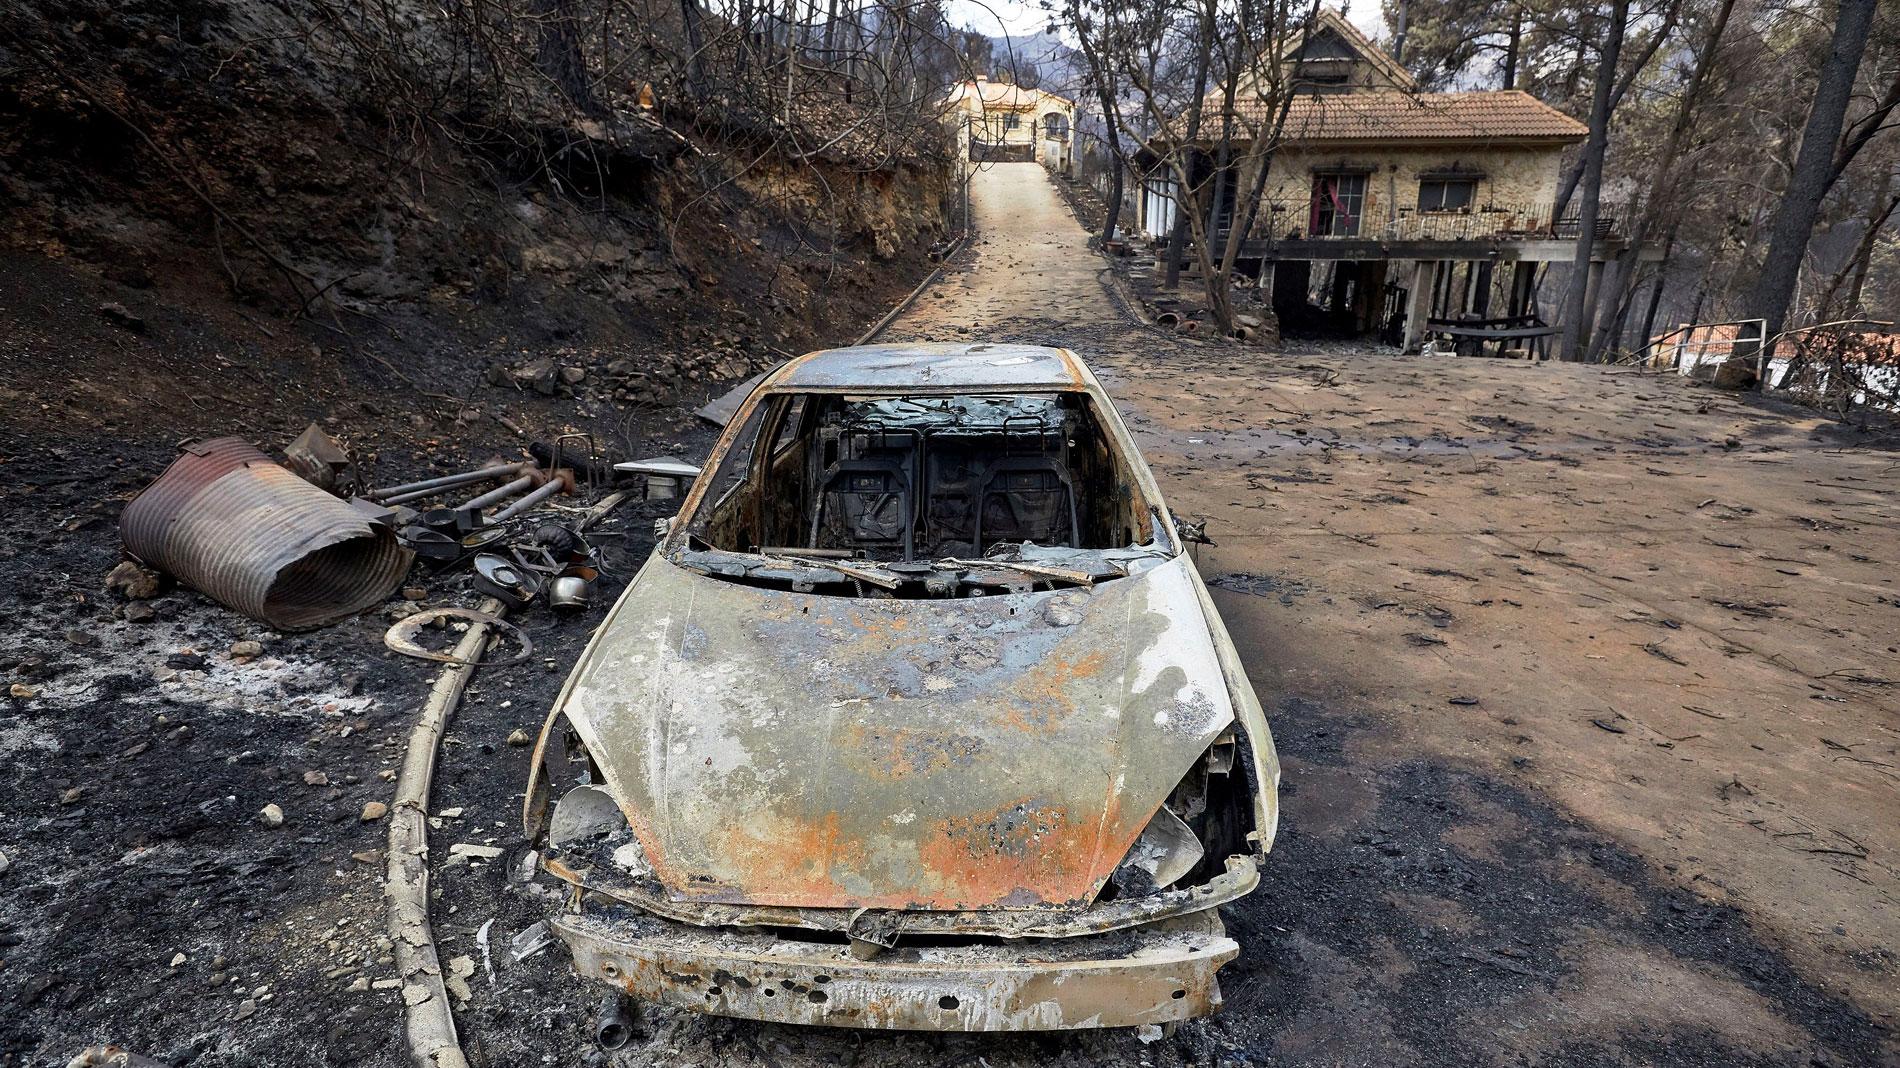 El incendio de Llutxent ya está controlado y los vecinos continúan regresando a sus casas